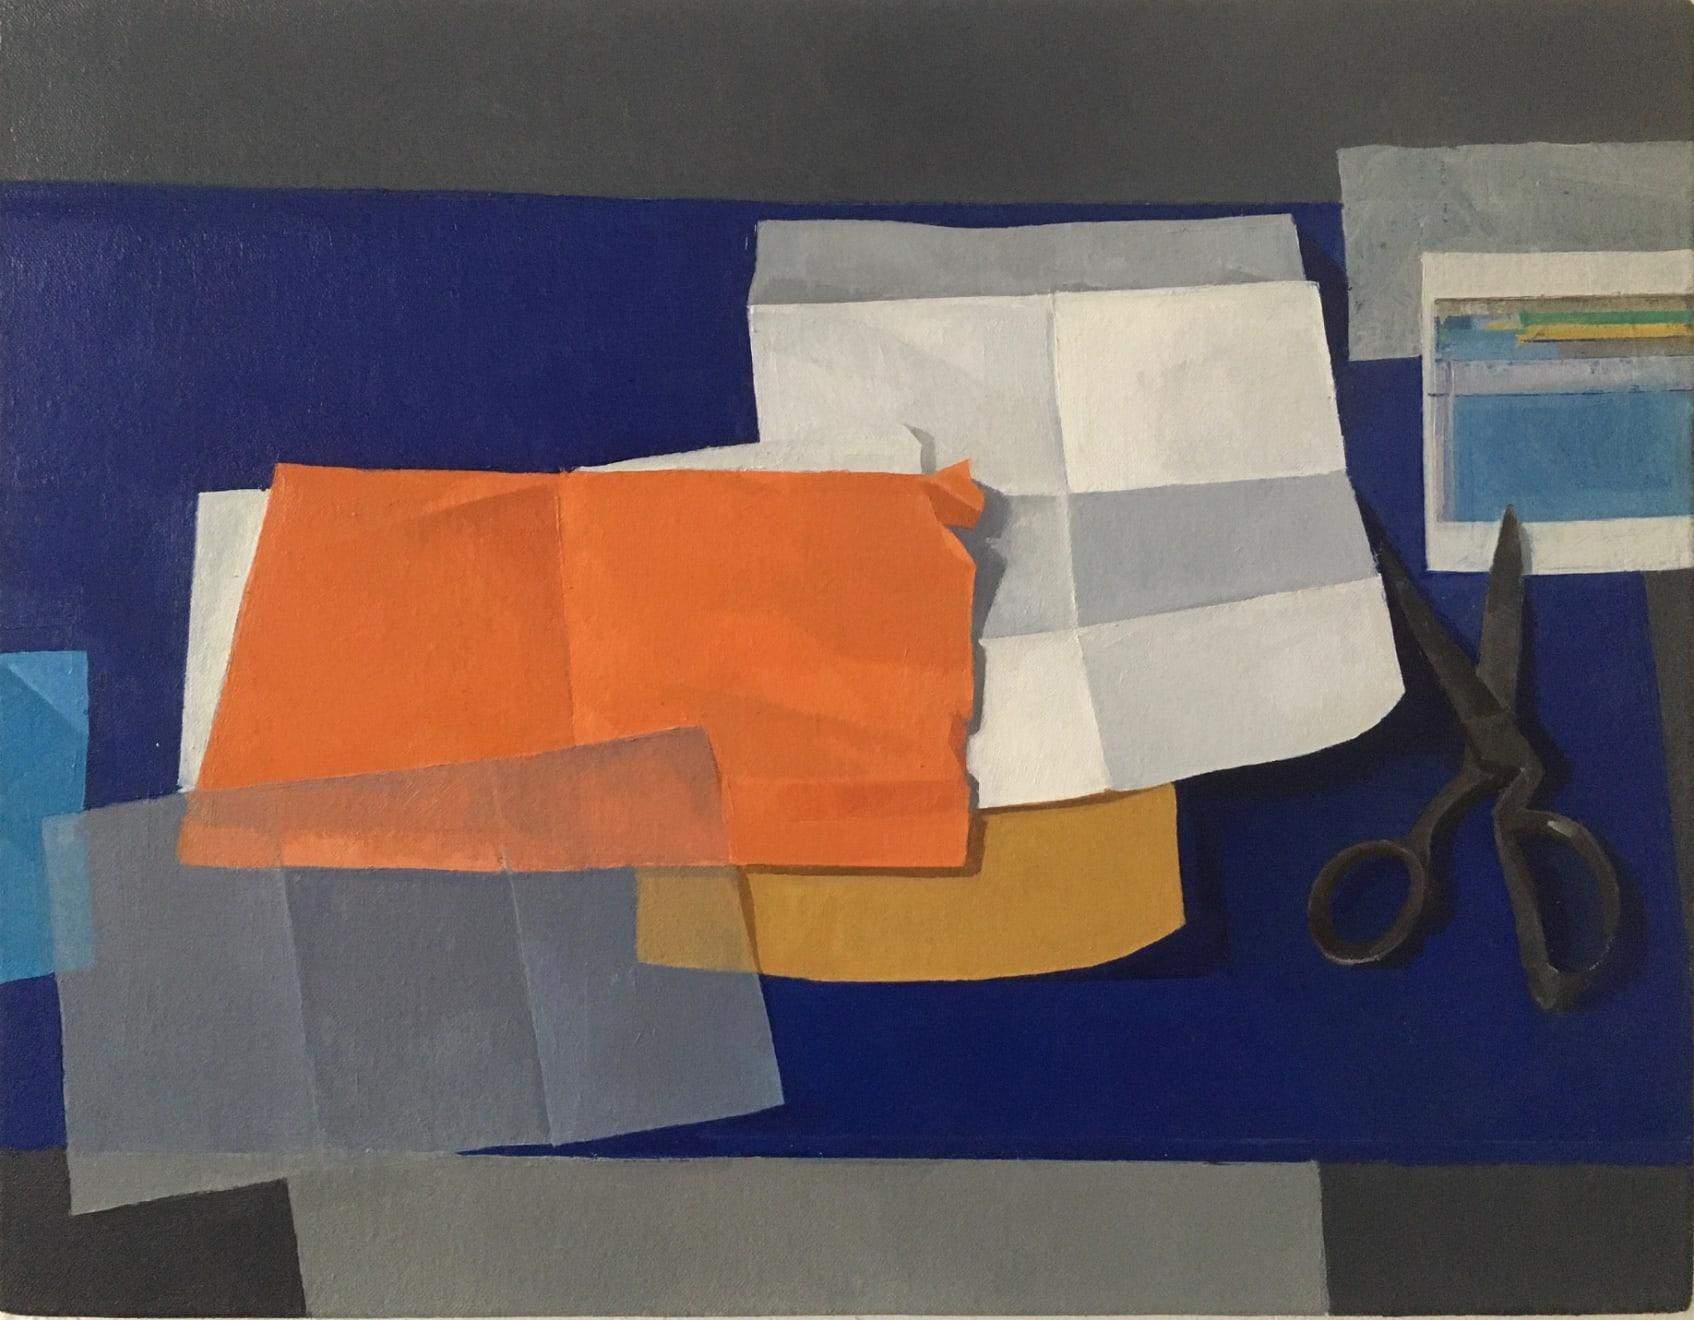 Paper Arrangement, Oil on linen, 35 x 45cm, £1250, Jason Line